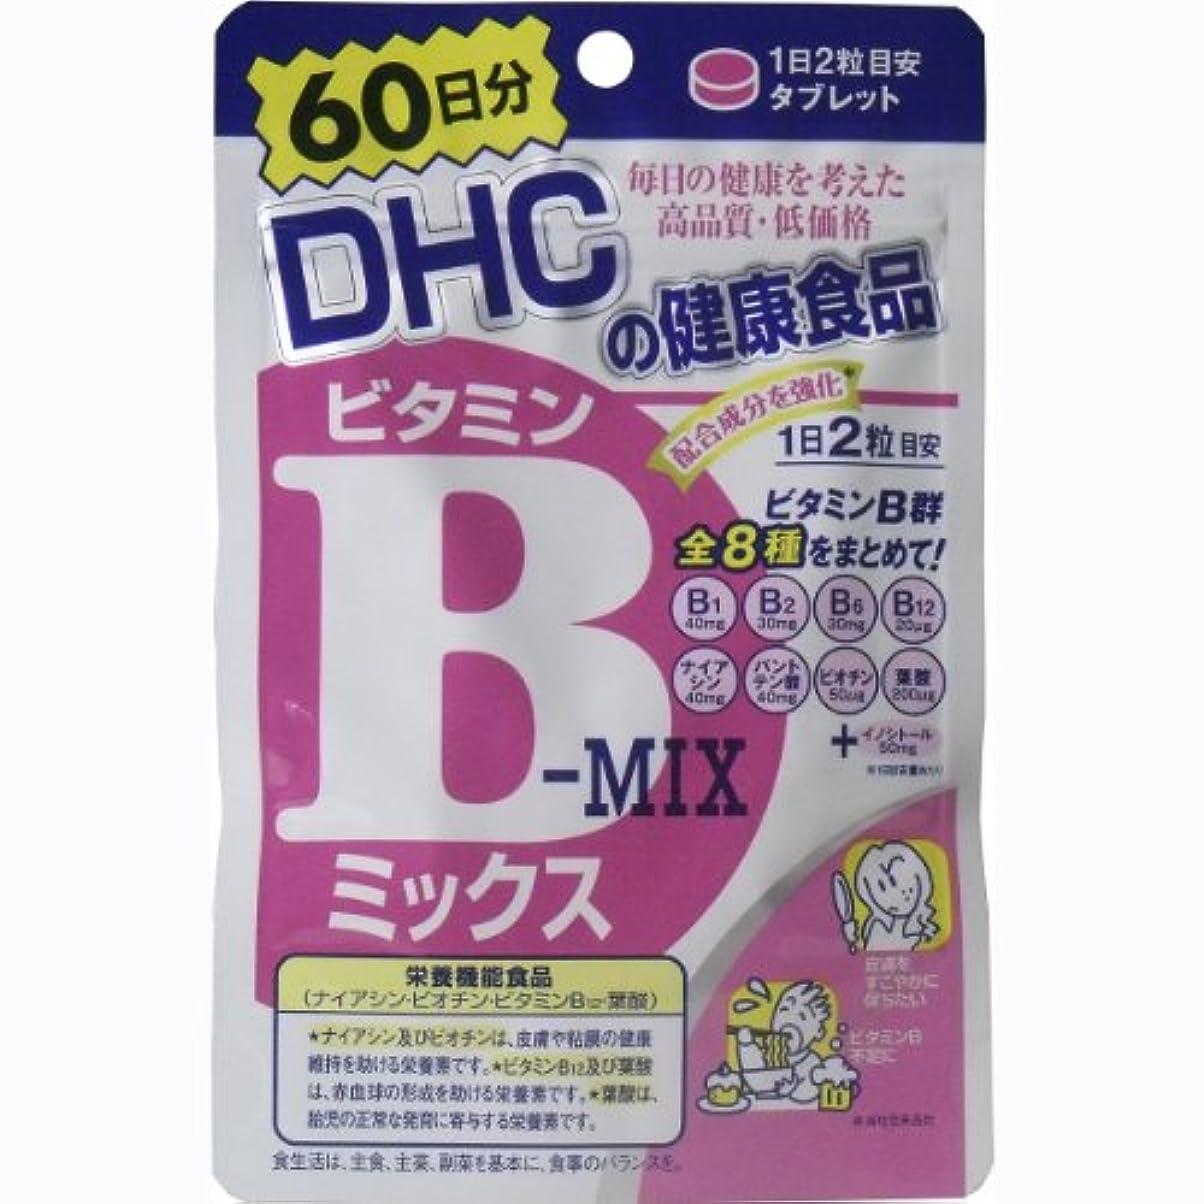 医療の岸廃止DHC ビタミンBミックス 120粒 60日分【2個セット】